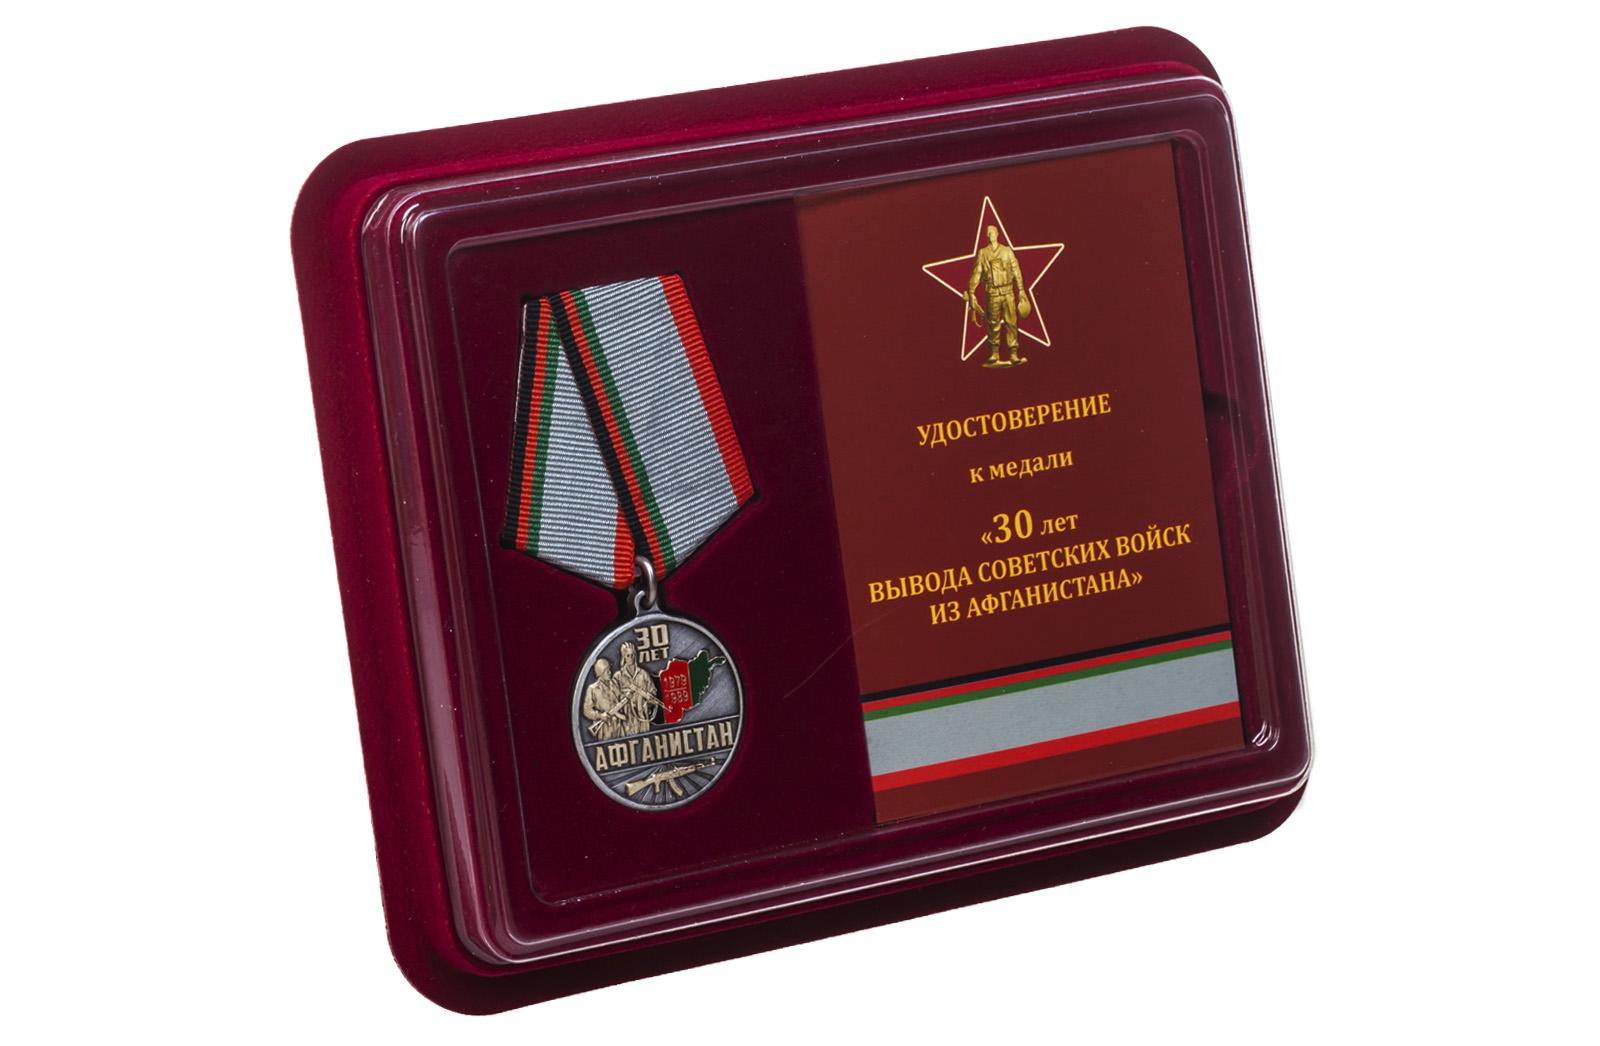 Купить памятную медаль 30 лет. Афганистан с доставкой или самовывозом